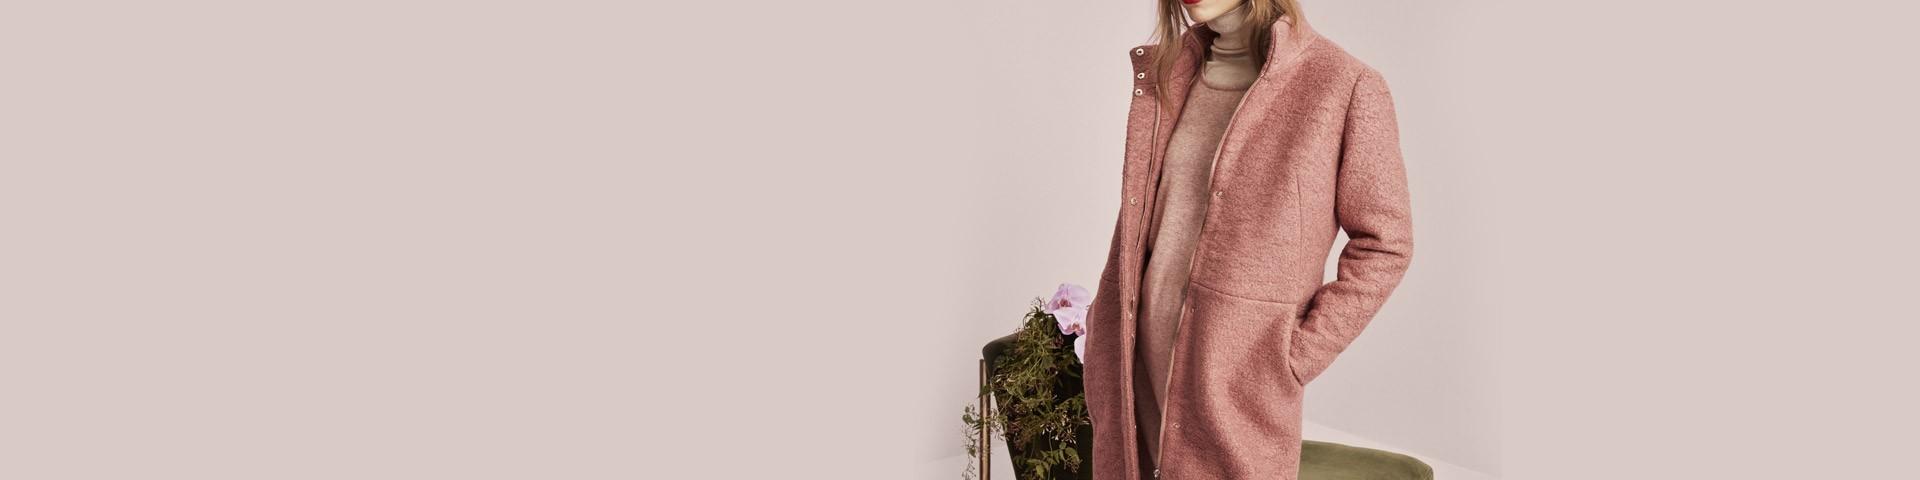 Abrigos, chaquetas y parkas de mujer - Online Closer